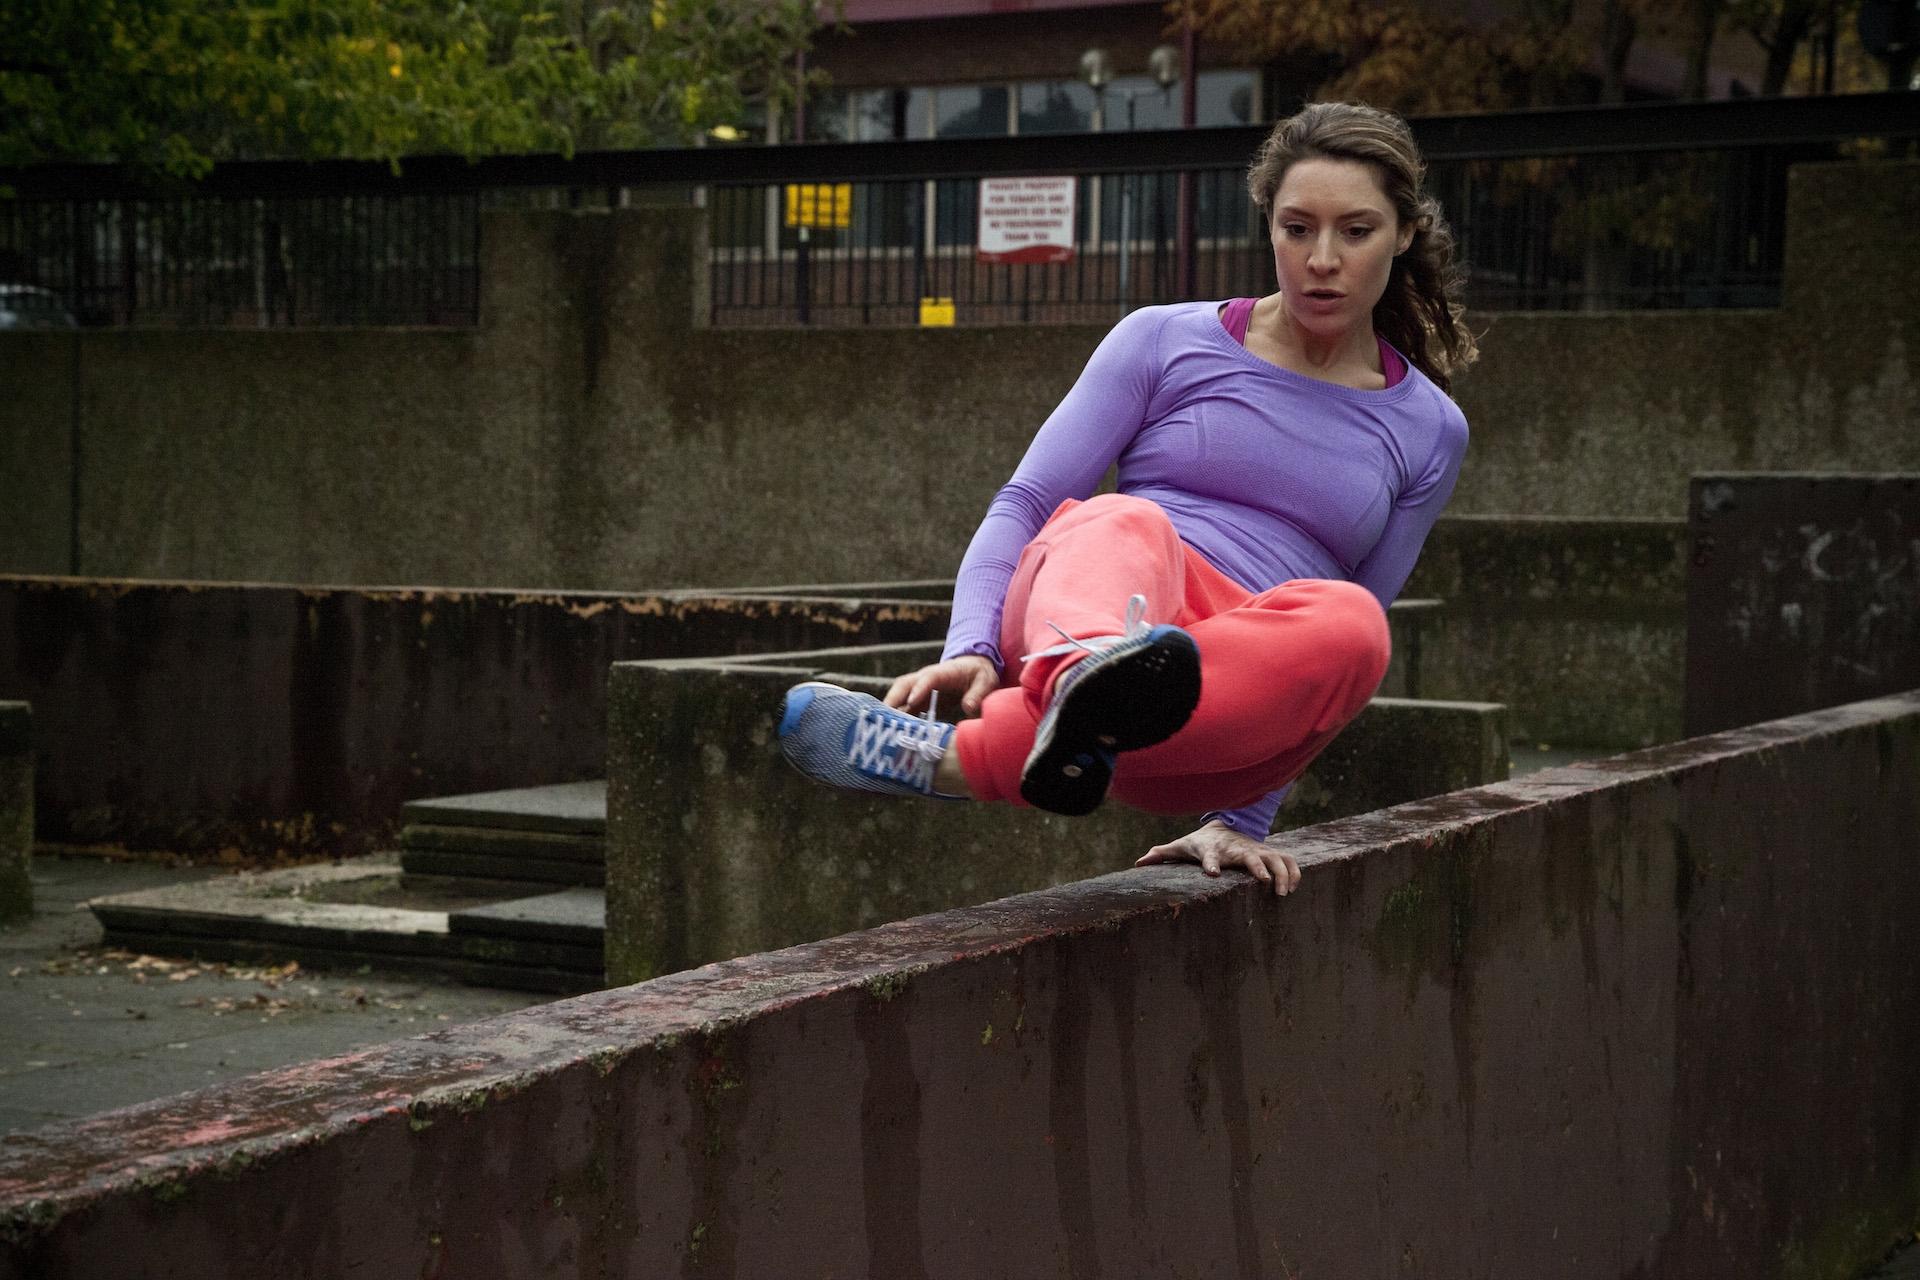 Amy slide monkey parkour woman london